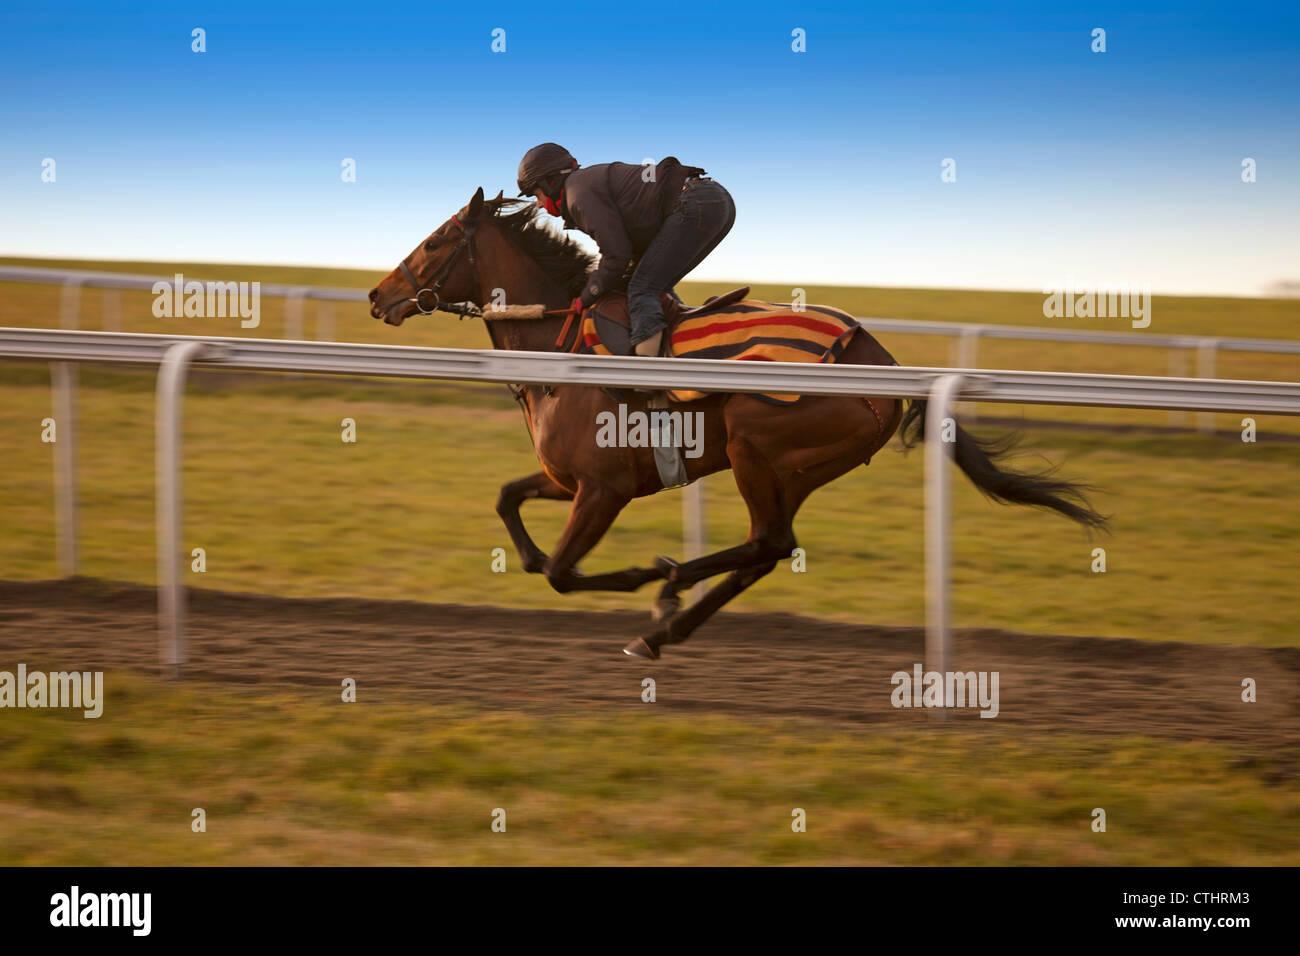 Caballo de carreras a todo galope Imagen De Stock